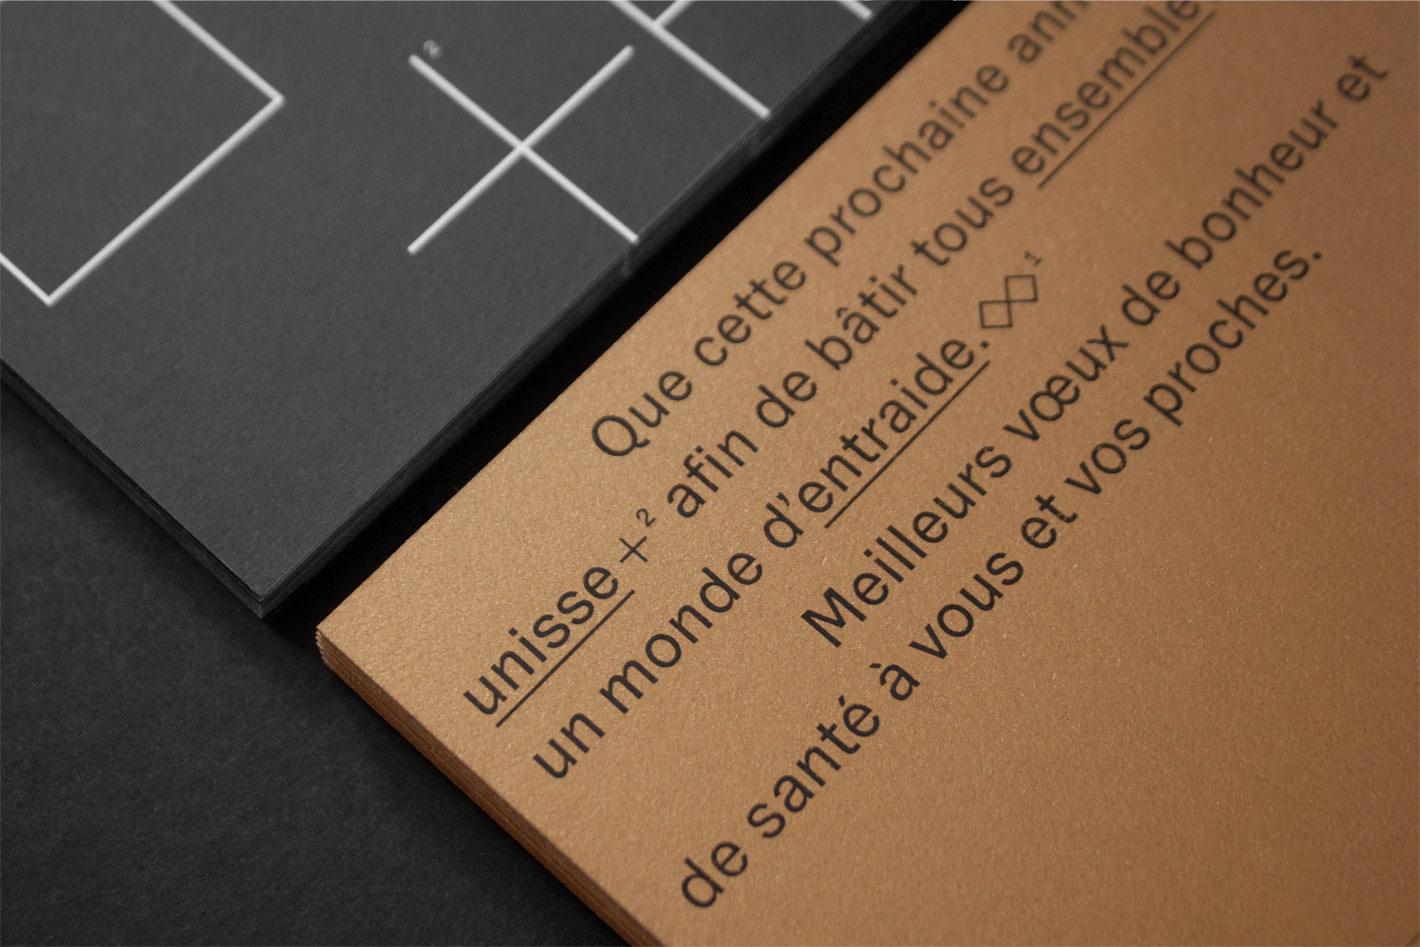 Figure-Jeremy-Hall-Design-Graphique-Logo-Branding-Image-De-Marque-Quebec-Dix-Pile-Comptabilite-Administration-Pharmacie-9.jpg